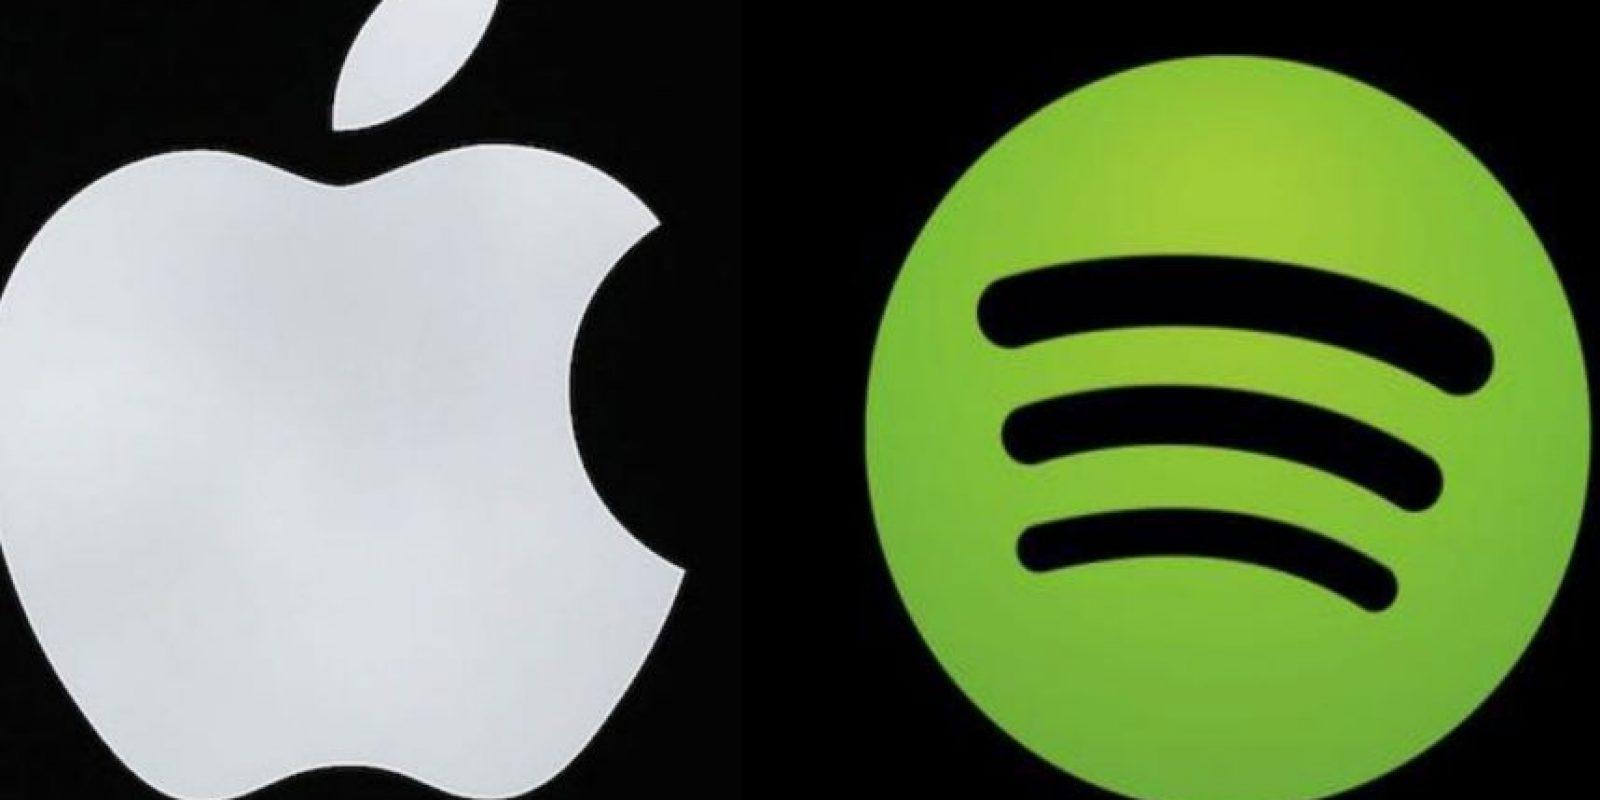 Es evidente que Apple y Spotify comenzarán una rivalidad en el servicio de streaming musical. Foto:Spotify